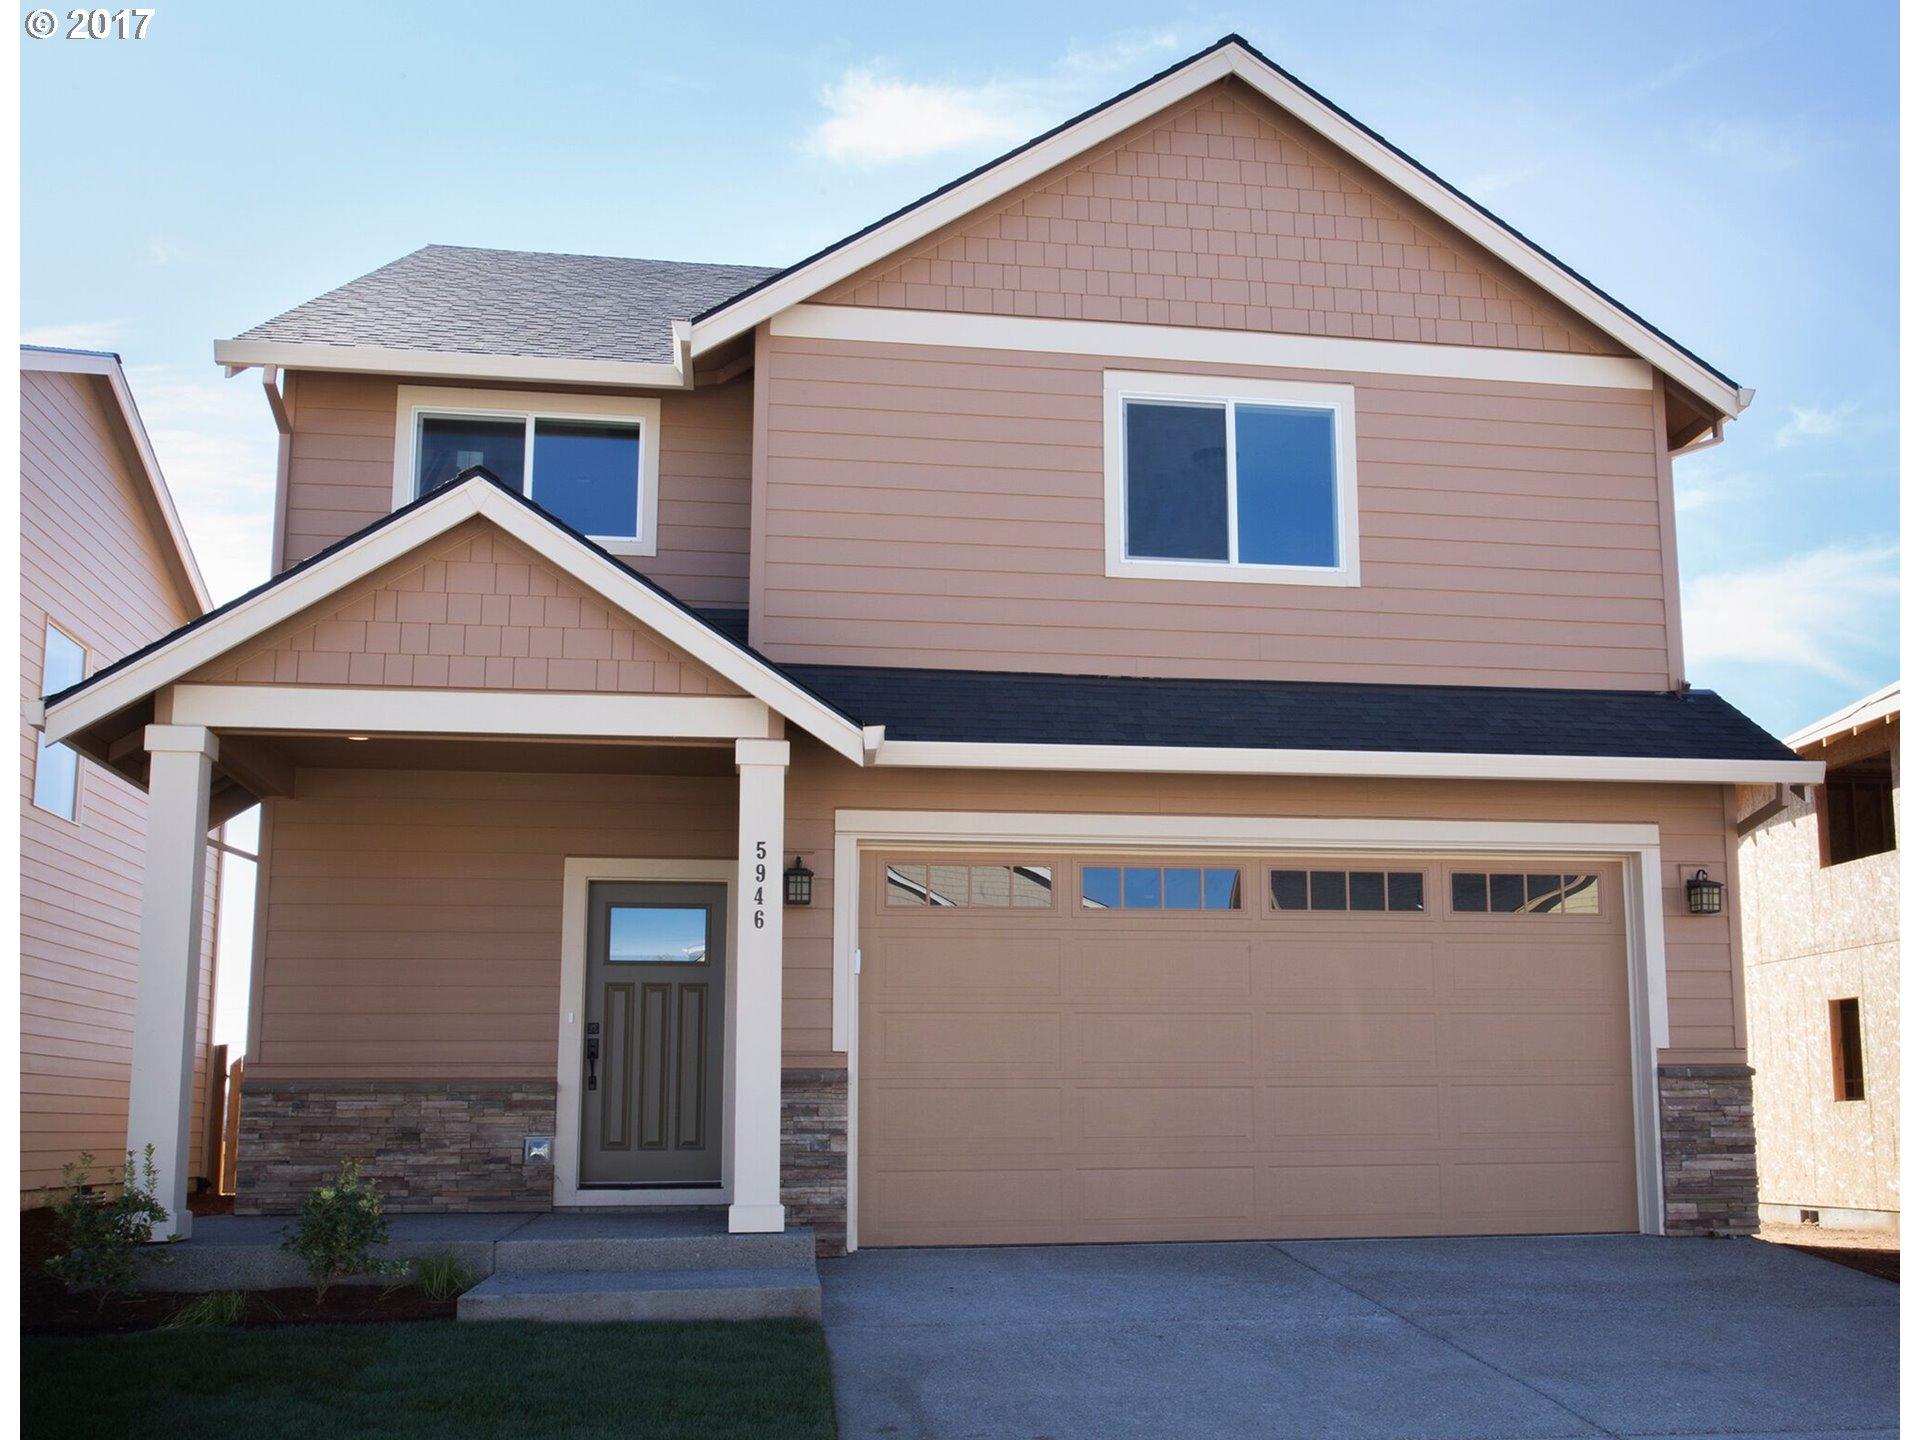 5817 Se 33rd St, Gresham, OR 97080 | RealEstate.com